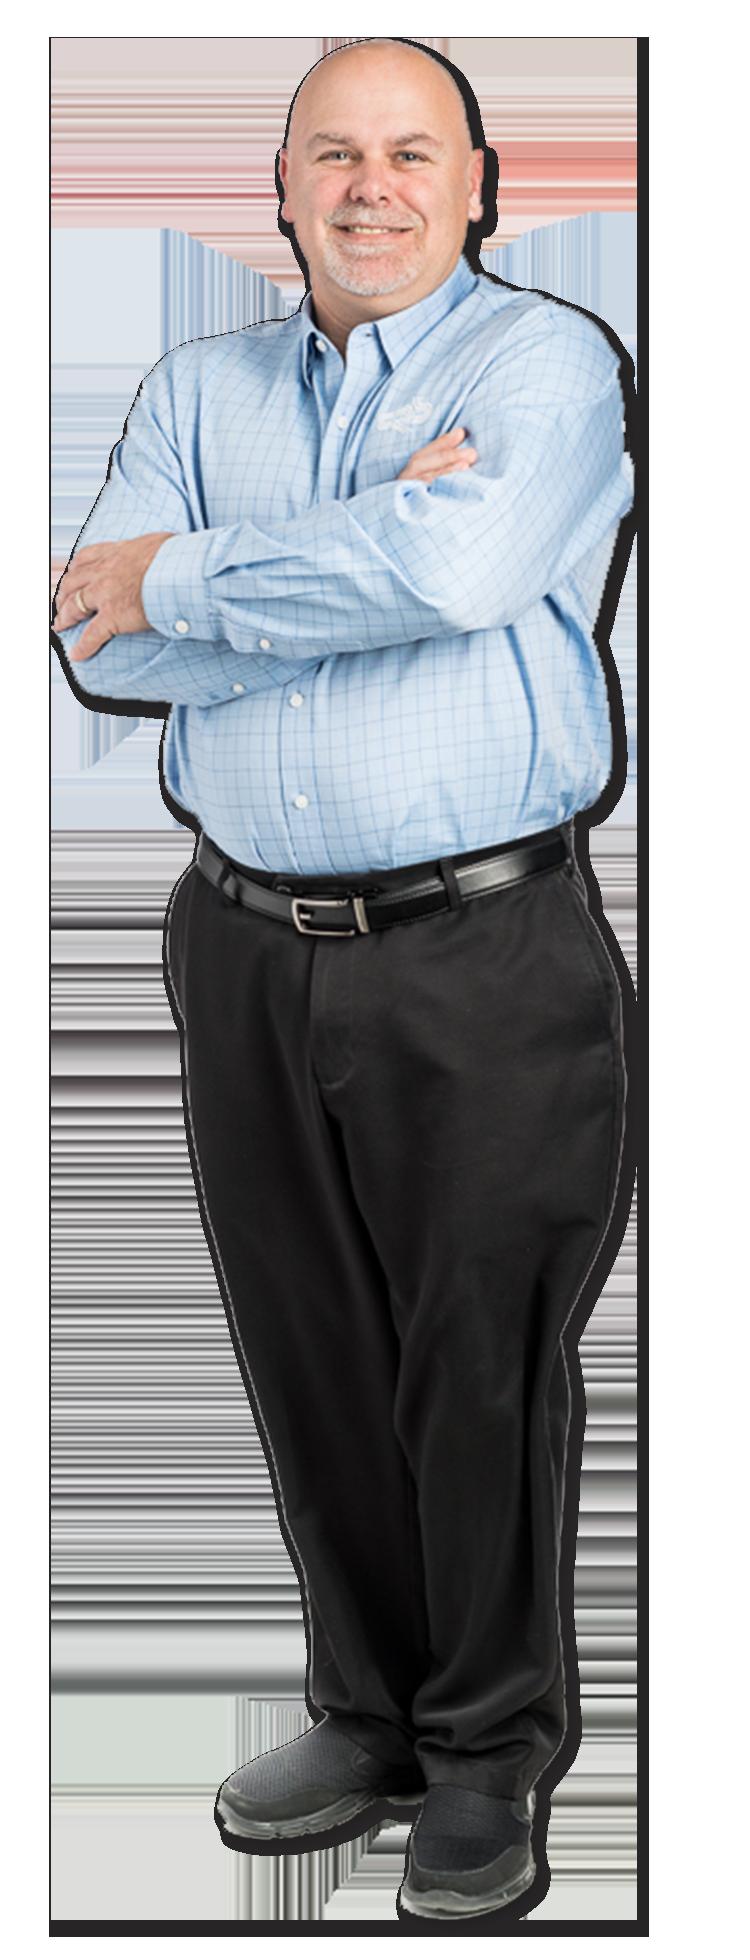 Chris Link CRB VDC Manager